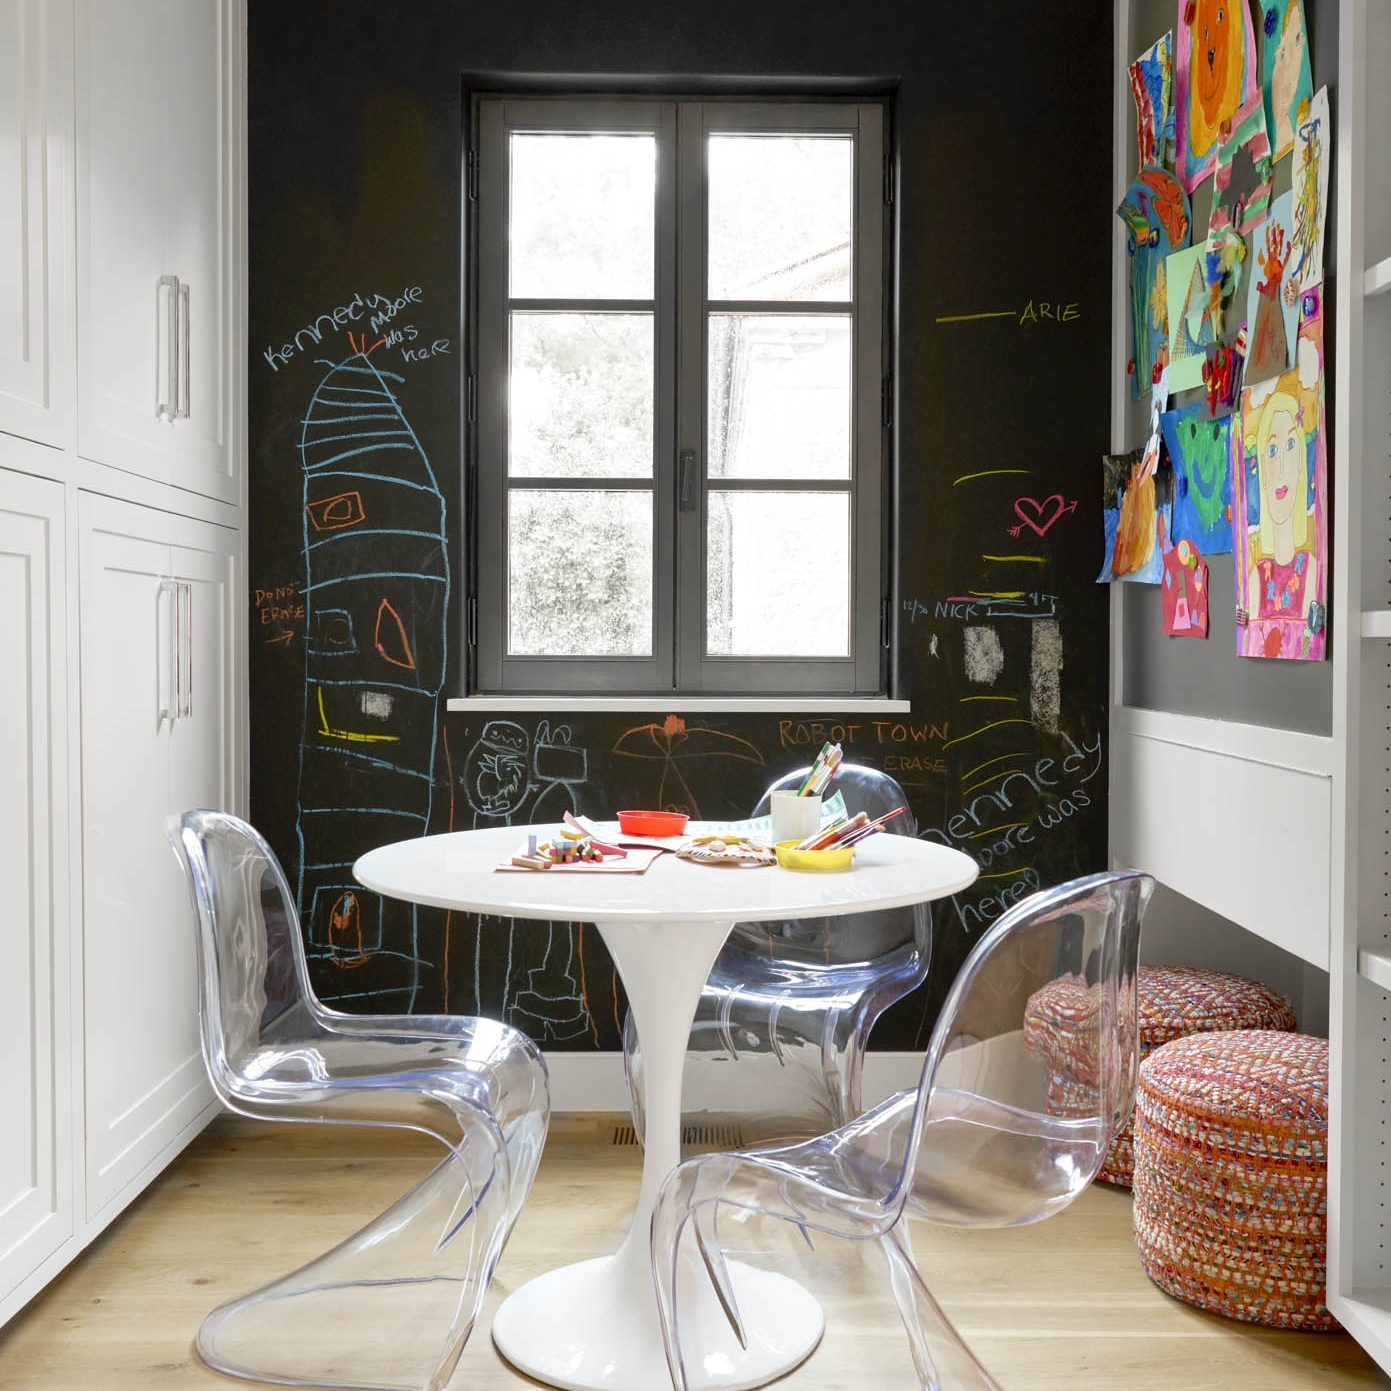 Dallas Luxury Home Design By Morgan Farrow Interiors - MorganFarrow.com